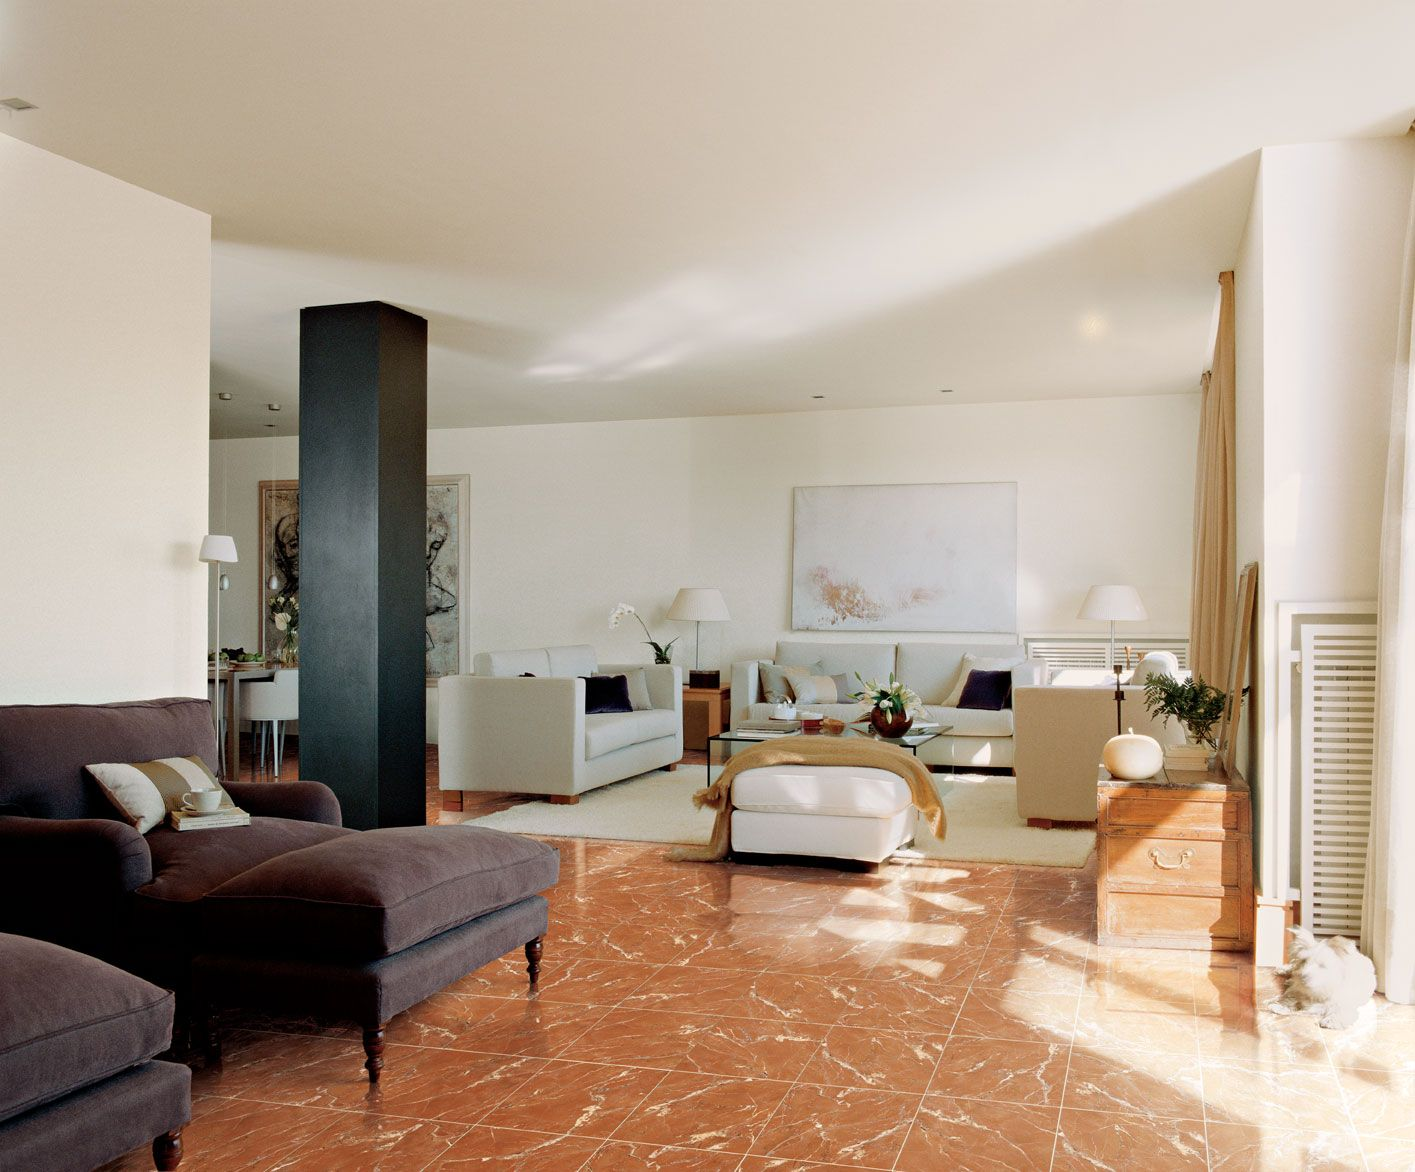 Sala con el suelo en m rmol rojo alicante decoraci n for Como limpiar marmol blanco manchado